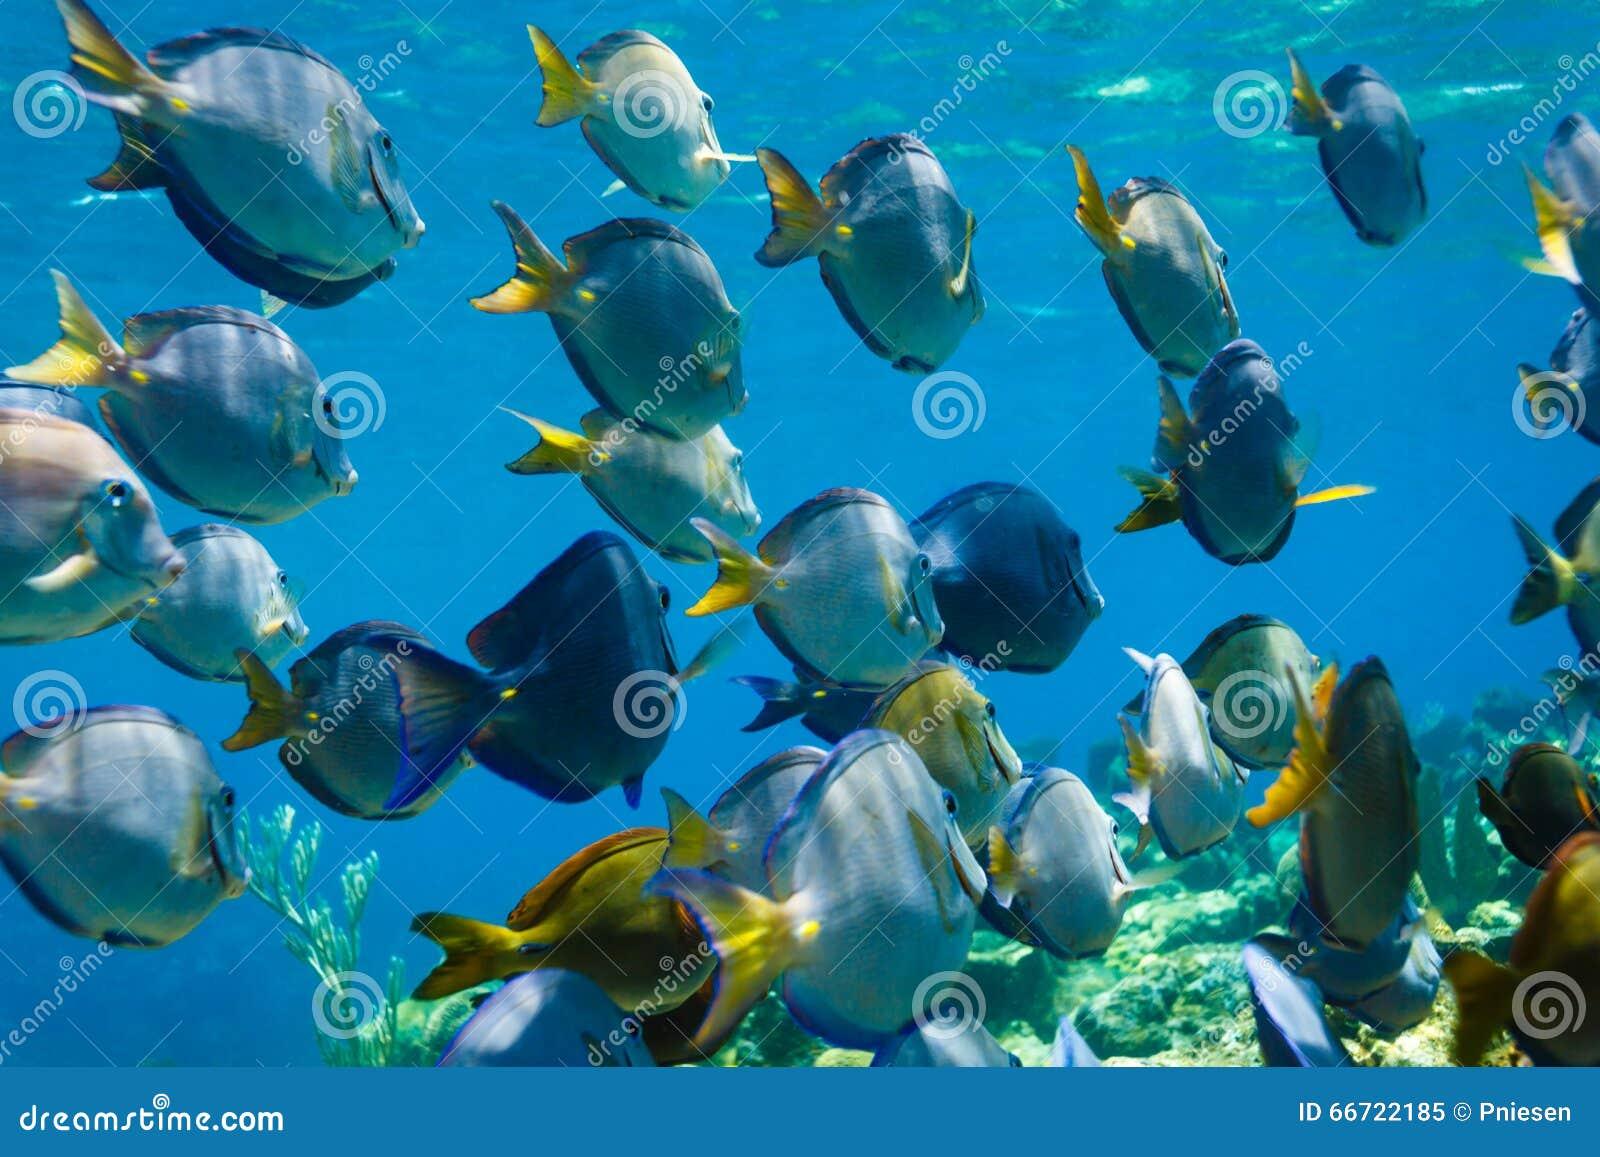 蓝色特性叶形装饰板天蓝色鱼游泳学校在珊瑚礁的